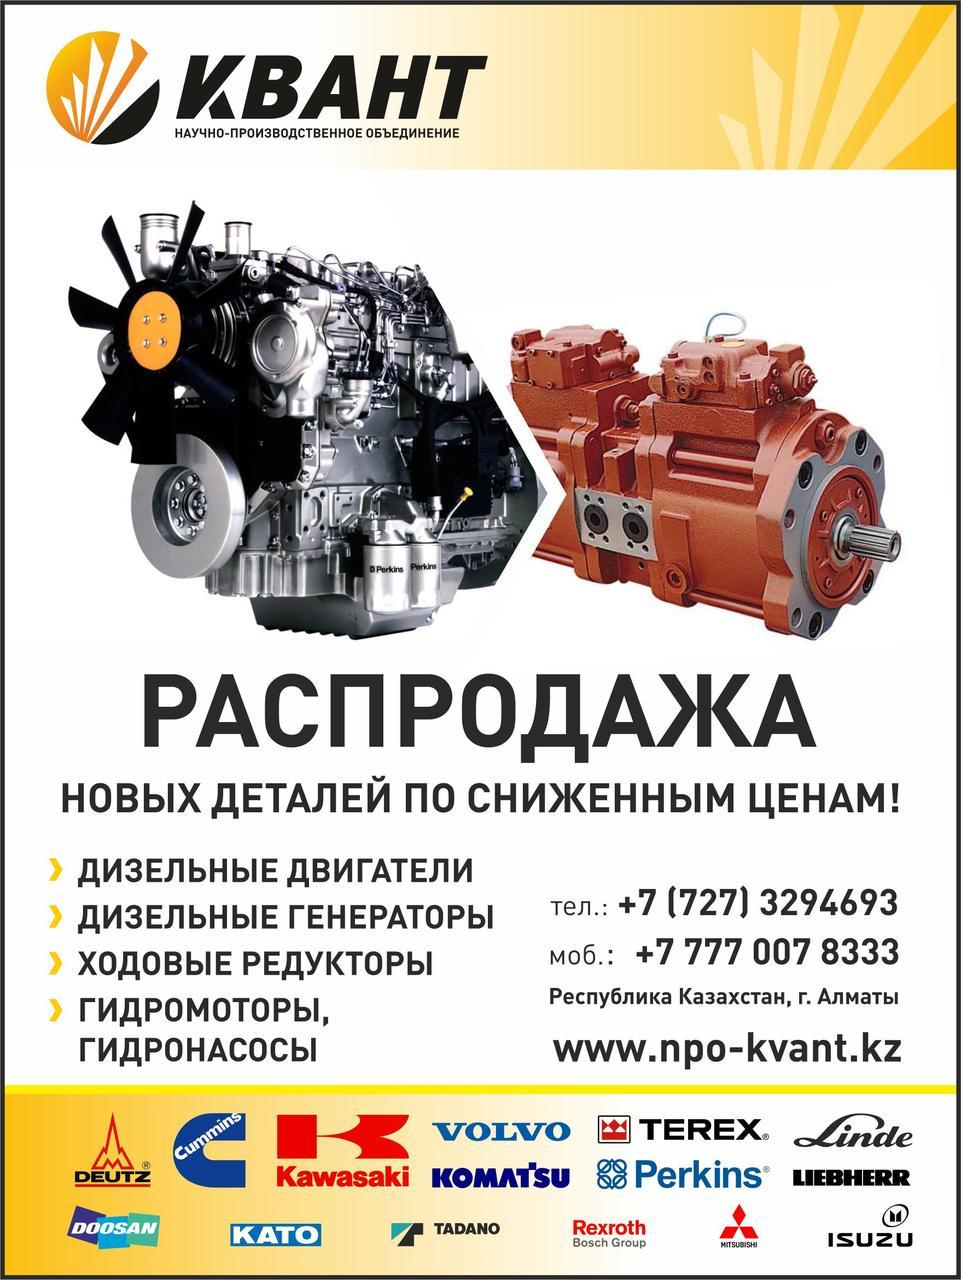 Двигатель Isuzu 6BG1T, Isuzu 6BG1TQA03, Isuzu 6BG1TRA, Isuzu 6BG1-TC, Isuzu 6BG1XNN, Isuzu 6HE1XN